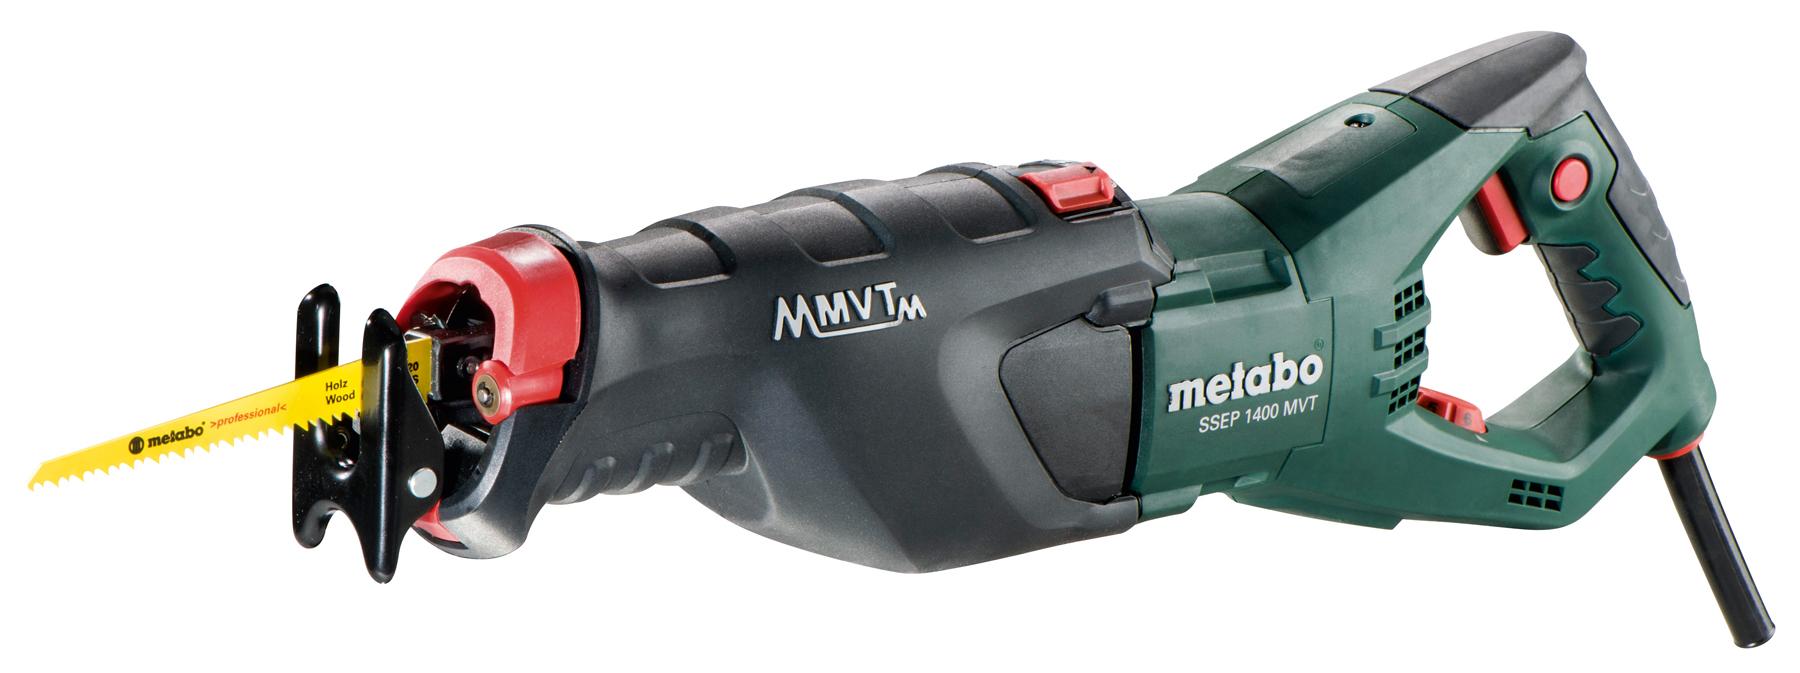 Metabo SSEP 1400 MVT (606178500) - маятниковая сабельная пила (Green)